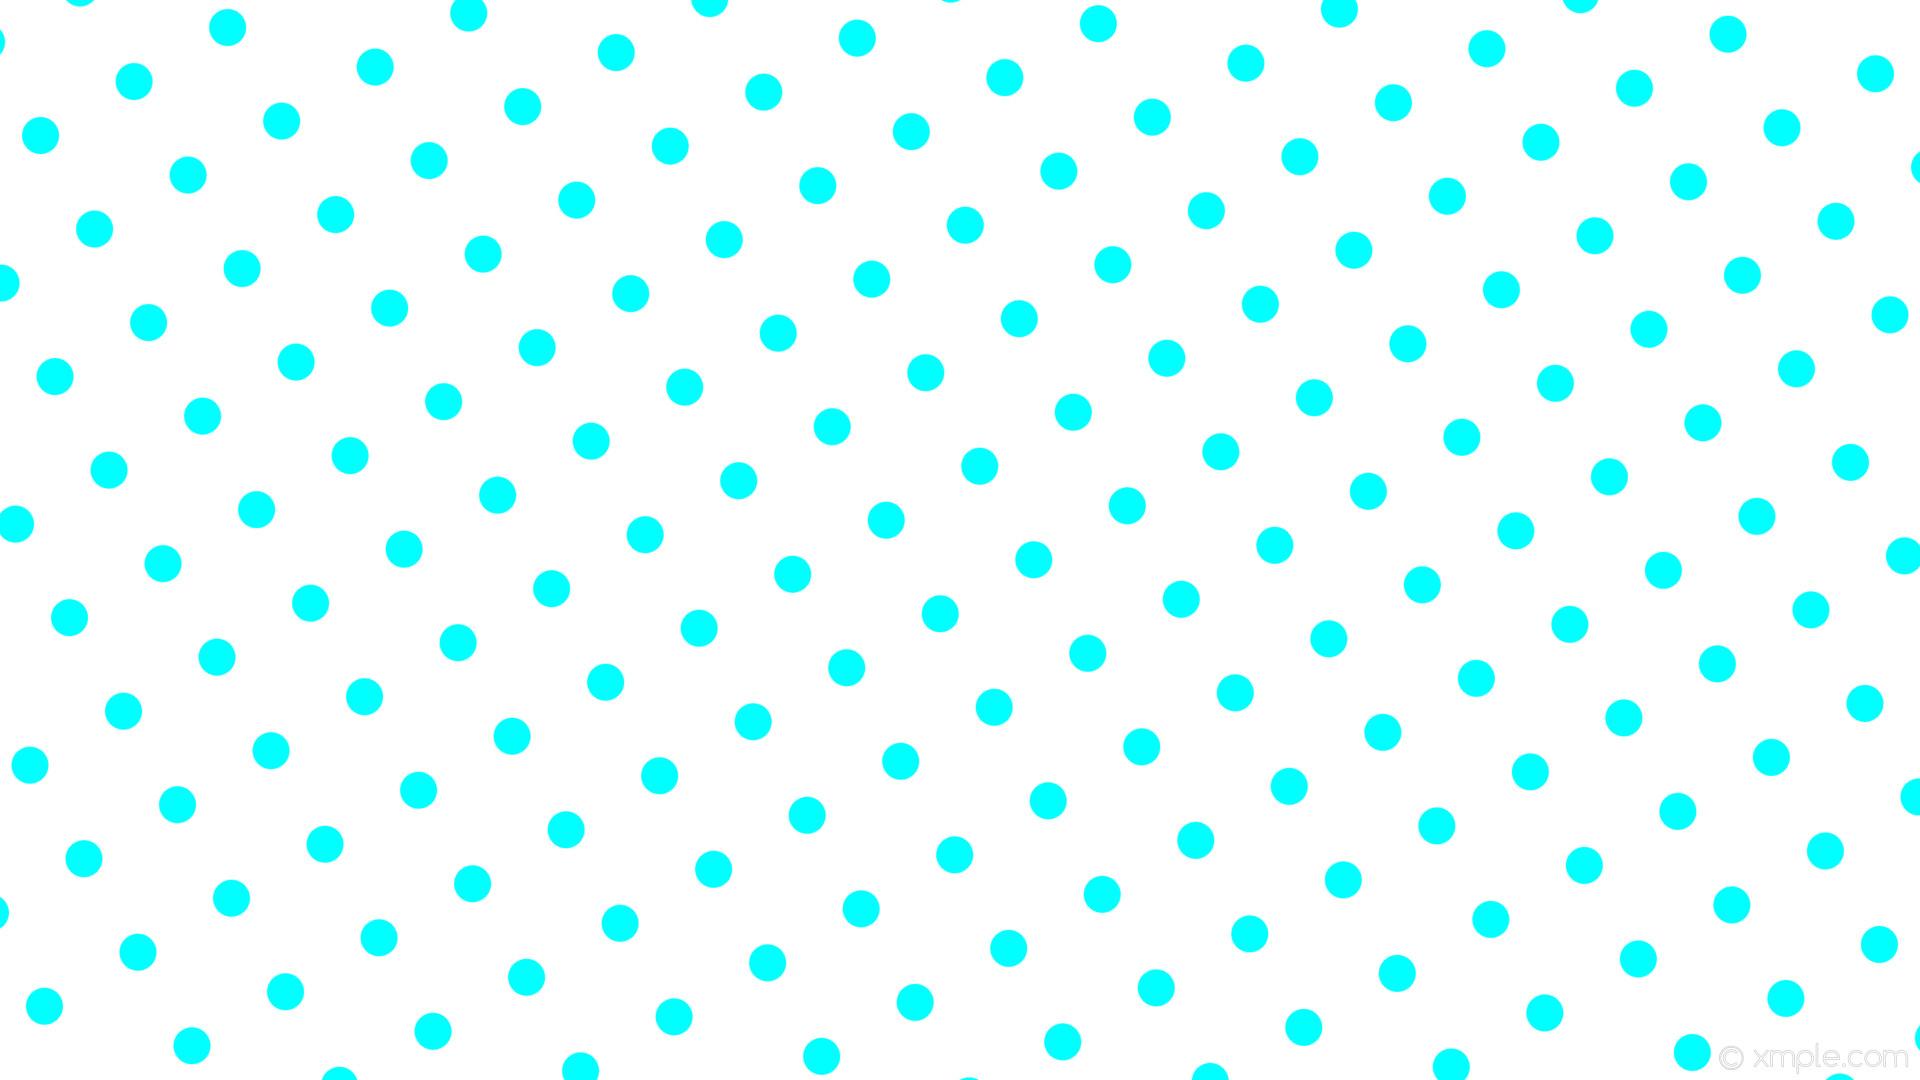 wallpaper white polka dots blue spots aqua cyan #ffffff #00ffff 210° 37px  108px